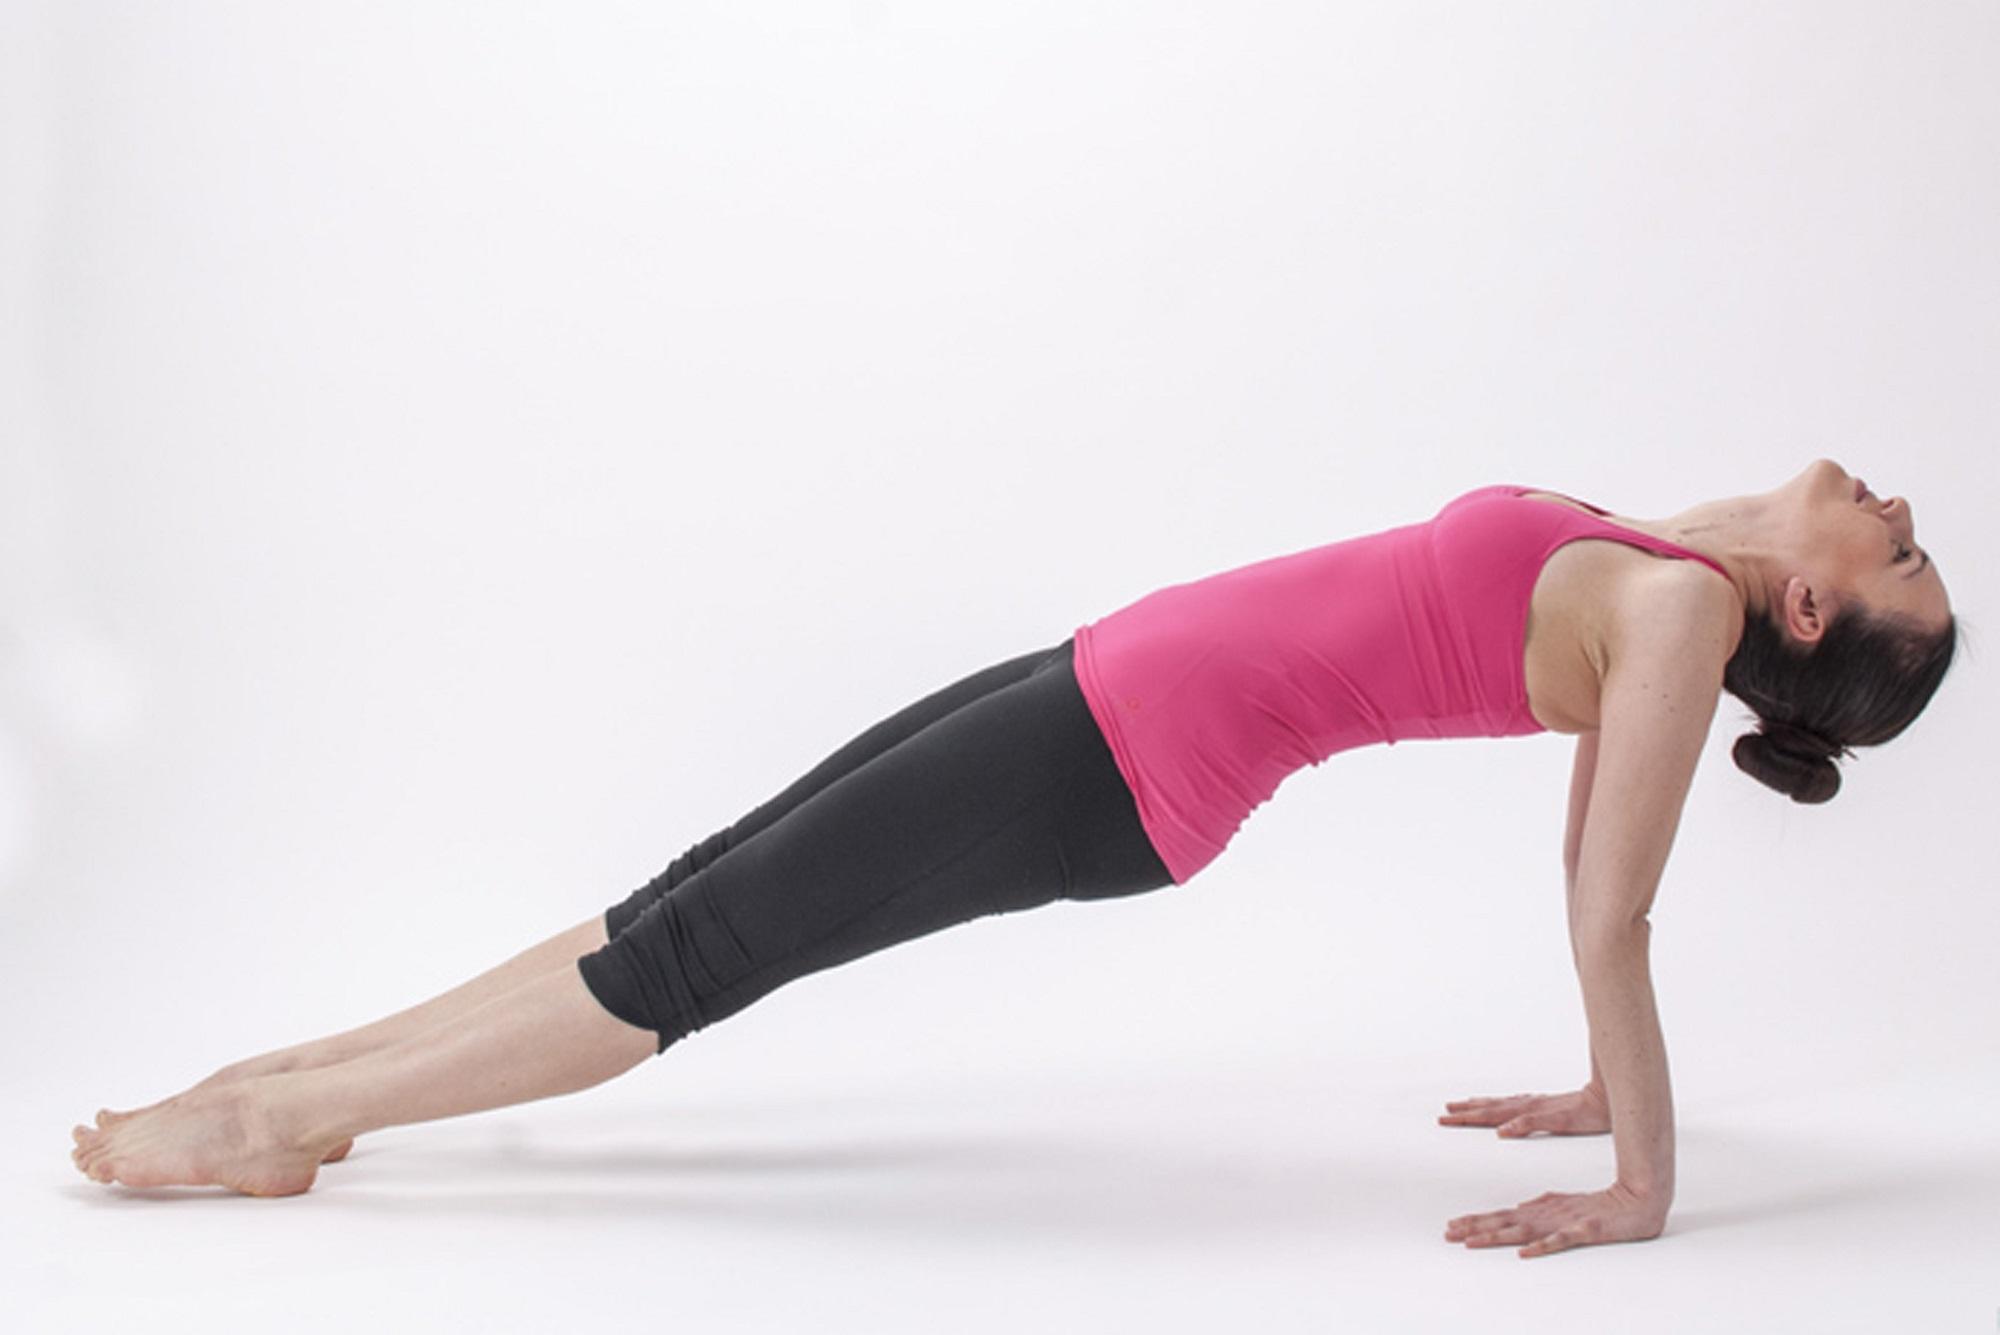 El yoga o pilates son disciplinas que contribuyen a tonificar y modelar el cuerpo.